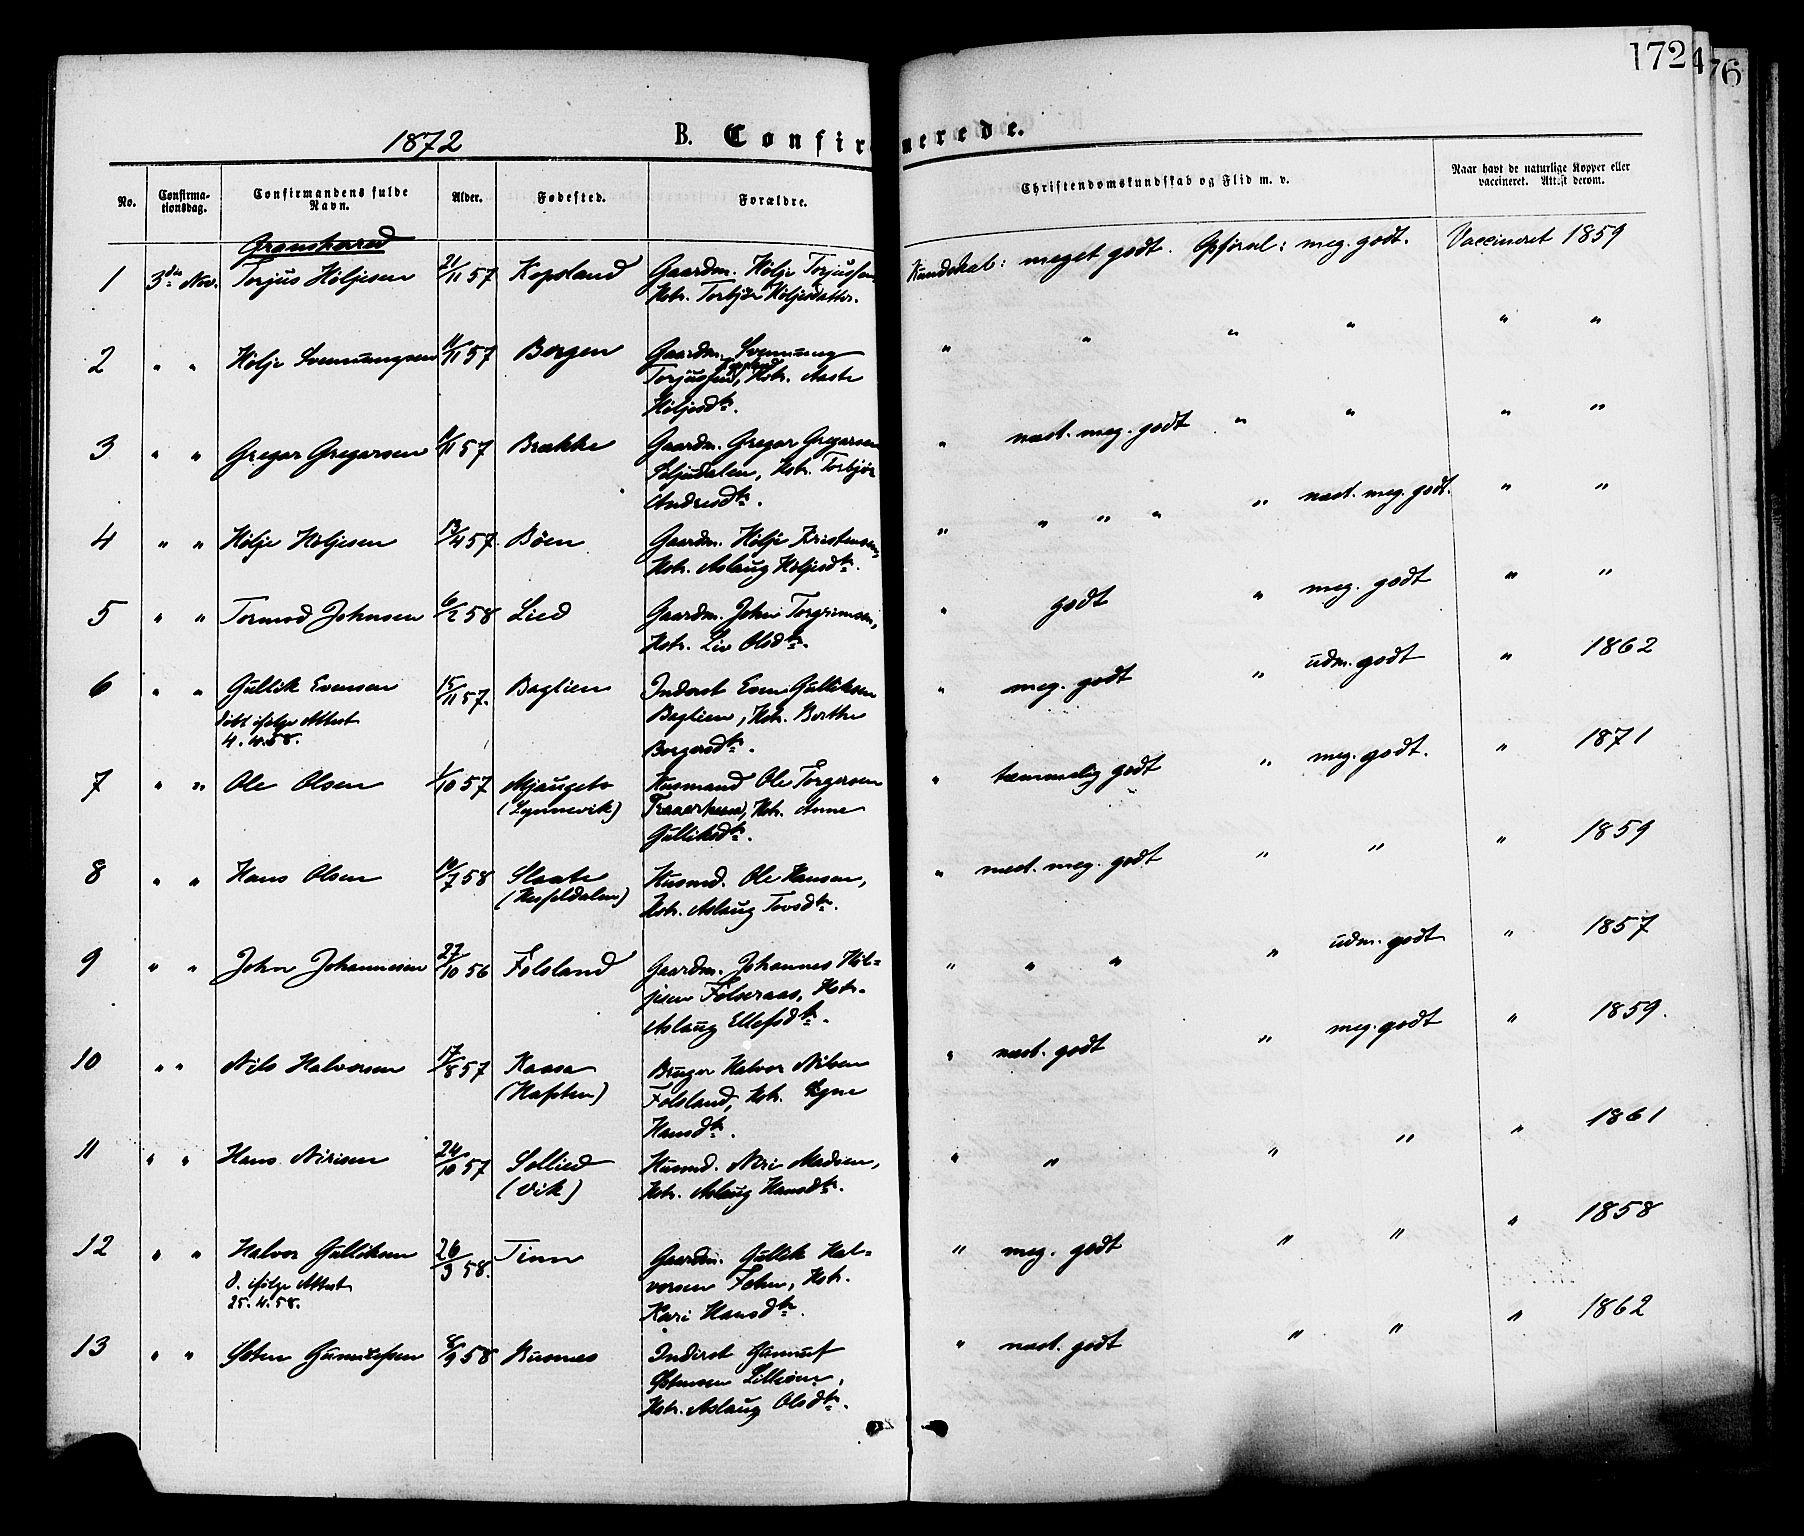 SAKO, Gransherad kirkebøker, F/Fa/L0004: Ministerialbok nr. I 4, 1871-1886, s. 172